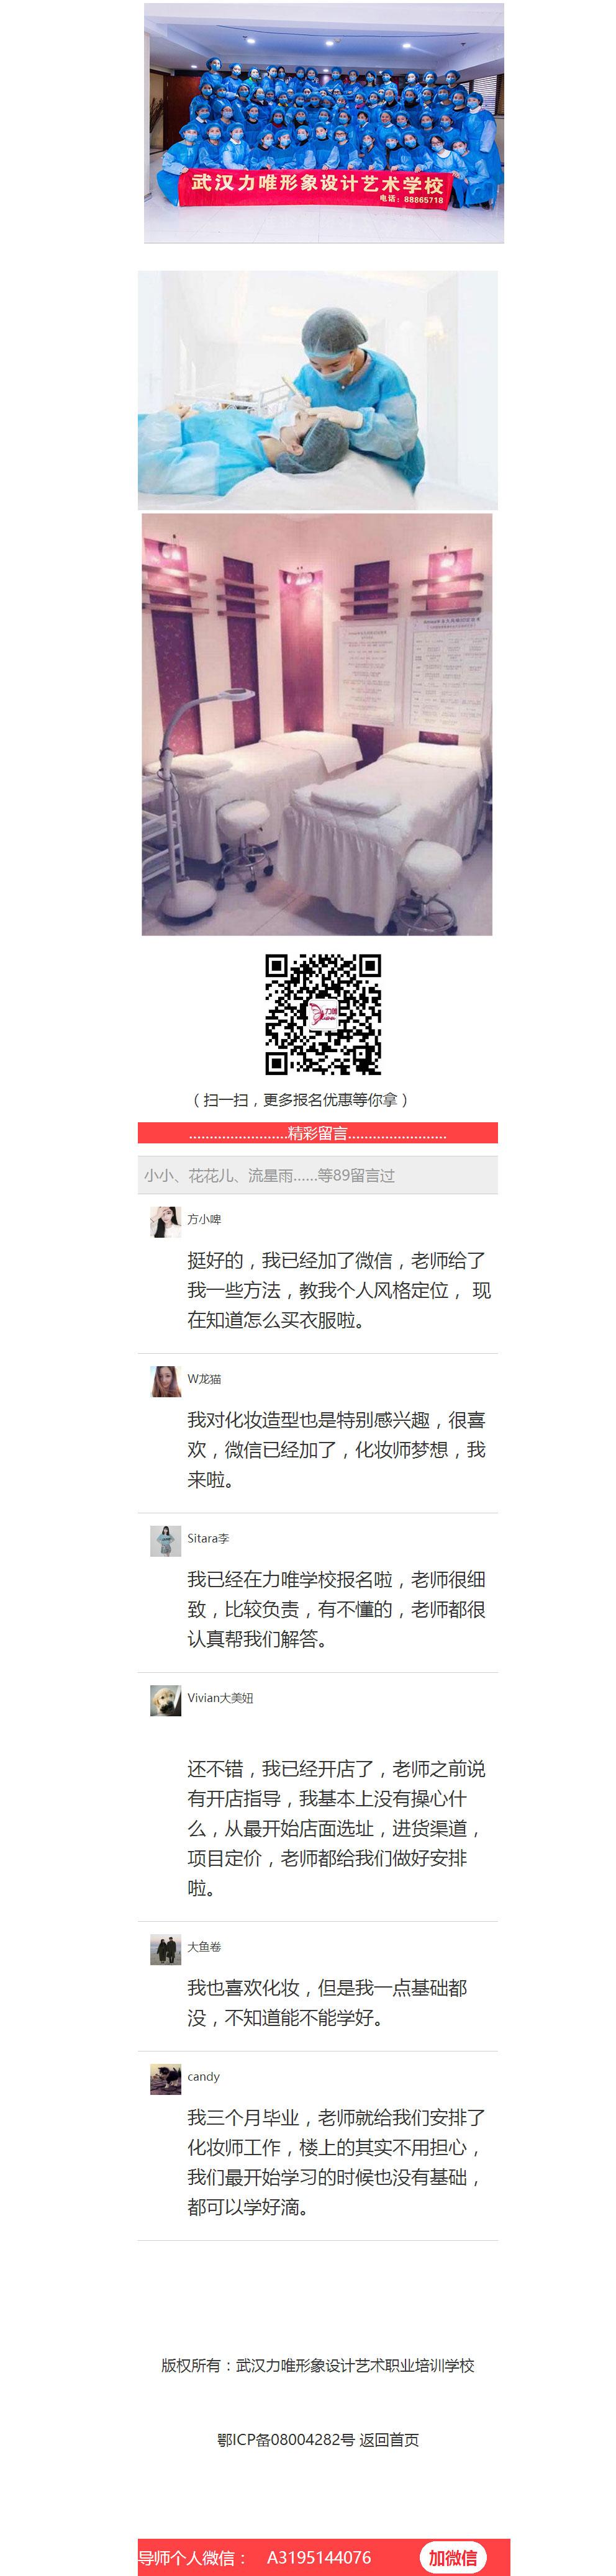 【美容美甲行业】移动端网站仿微信公众号与天涯论坛-网站建设案例 第12张